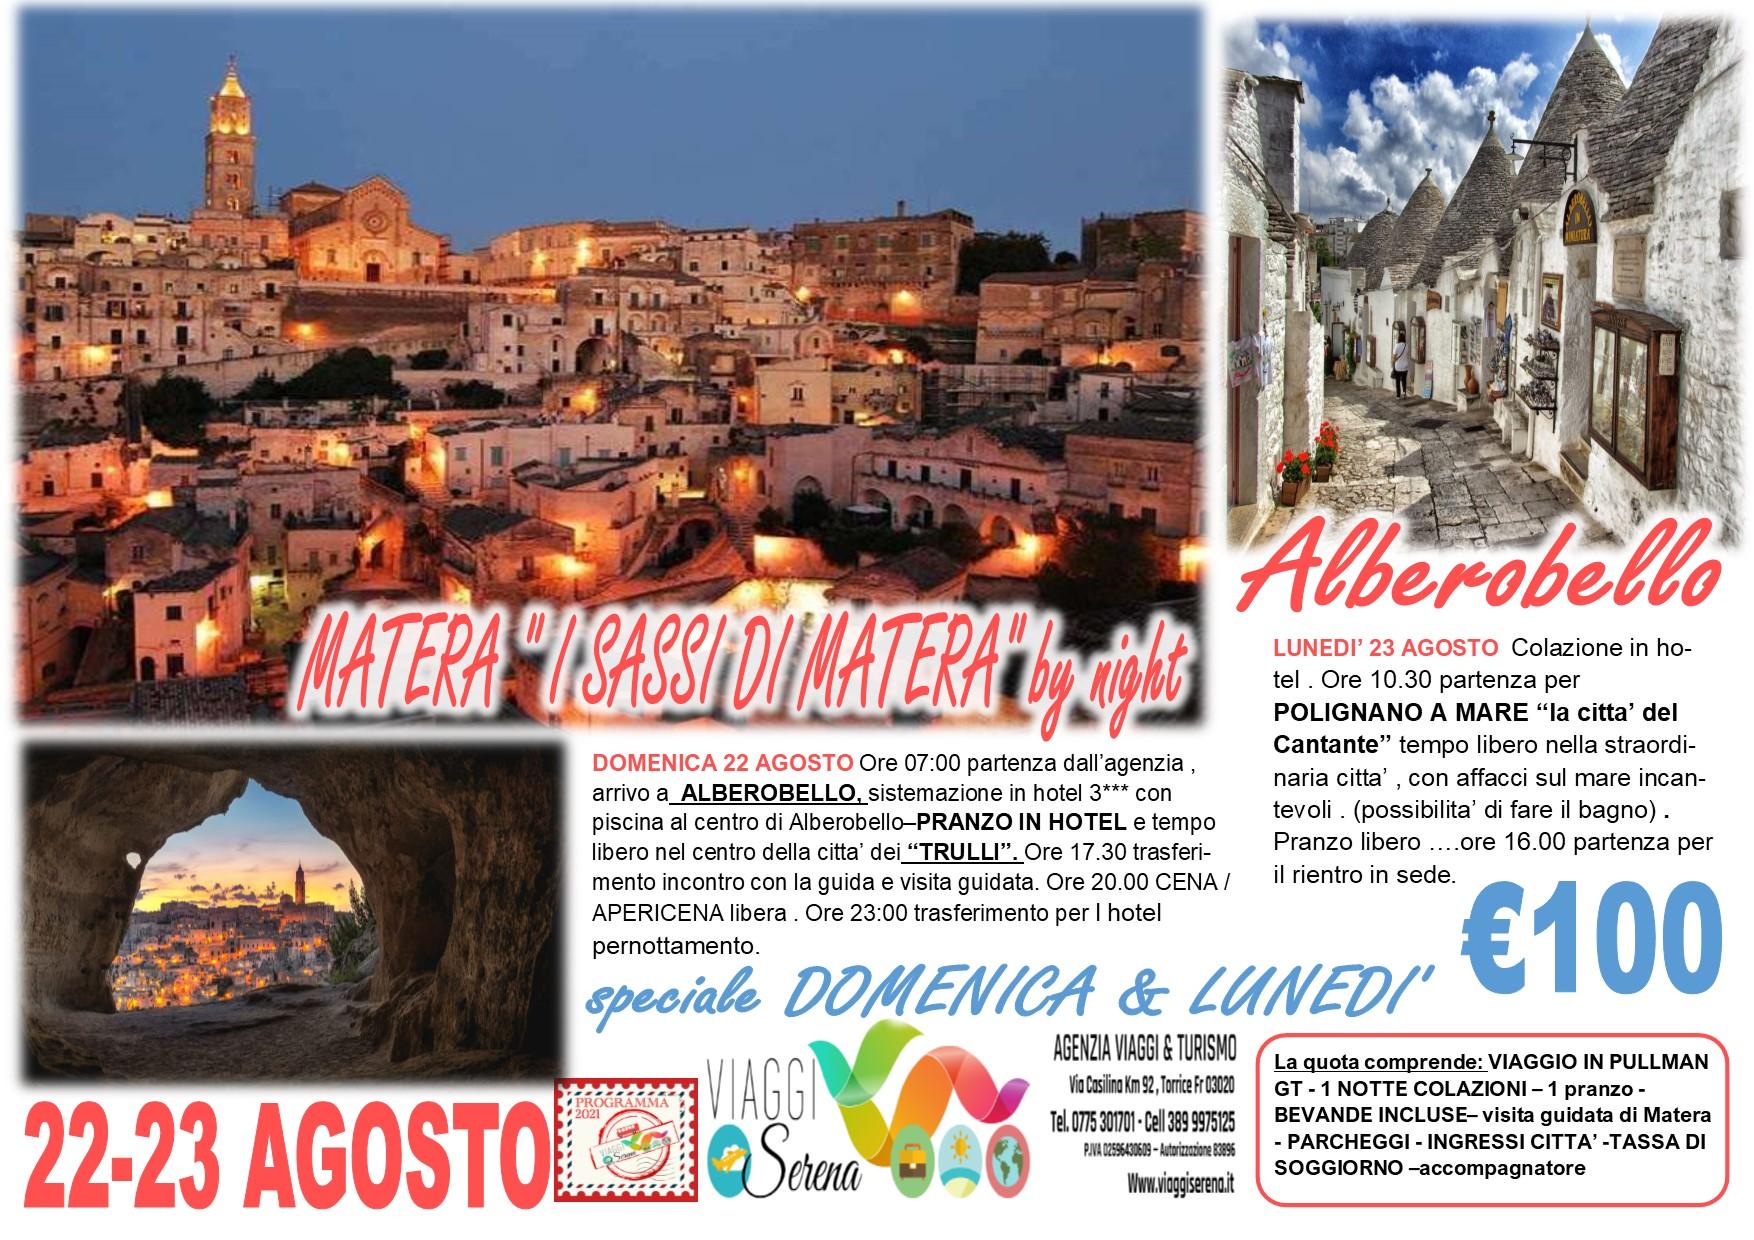 Viaggi di Gruppo: Matera by night, Alberobello & Polignano a mare 22-23 Agosto € 100,00